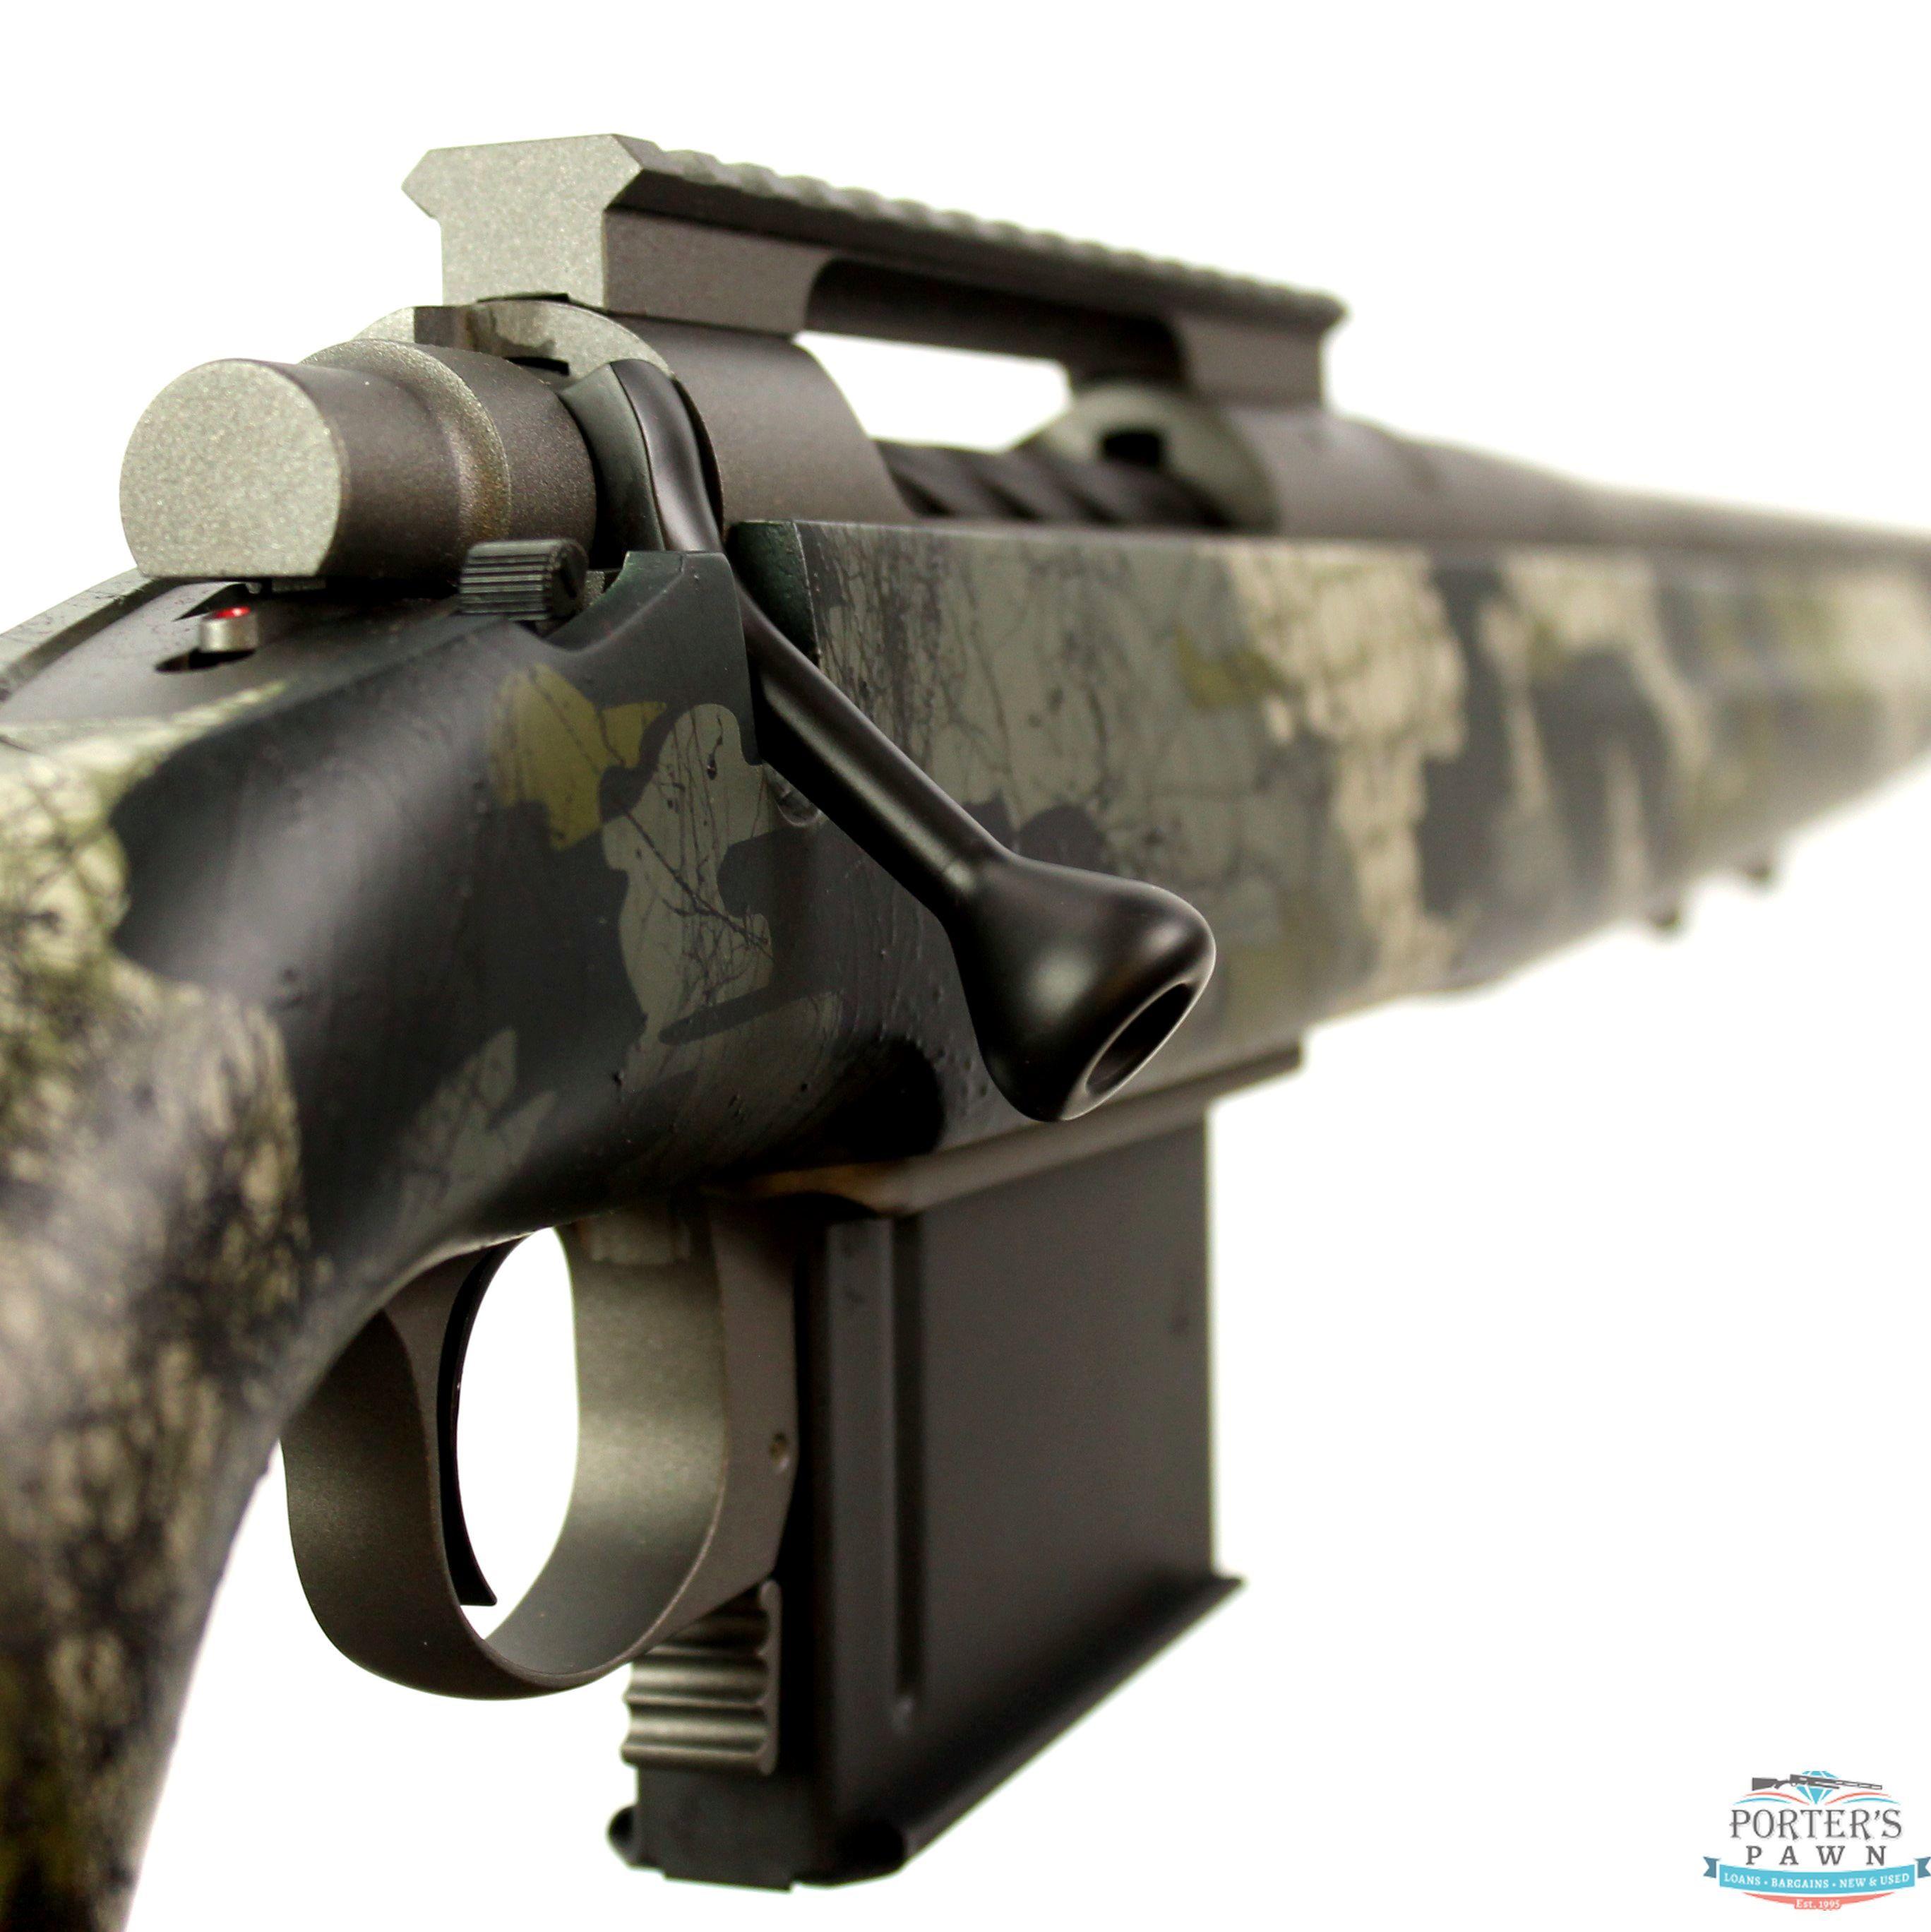 Cooper M52 Open Country LR Lightweight 28 Nosler - Bolt